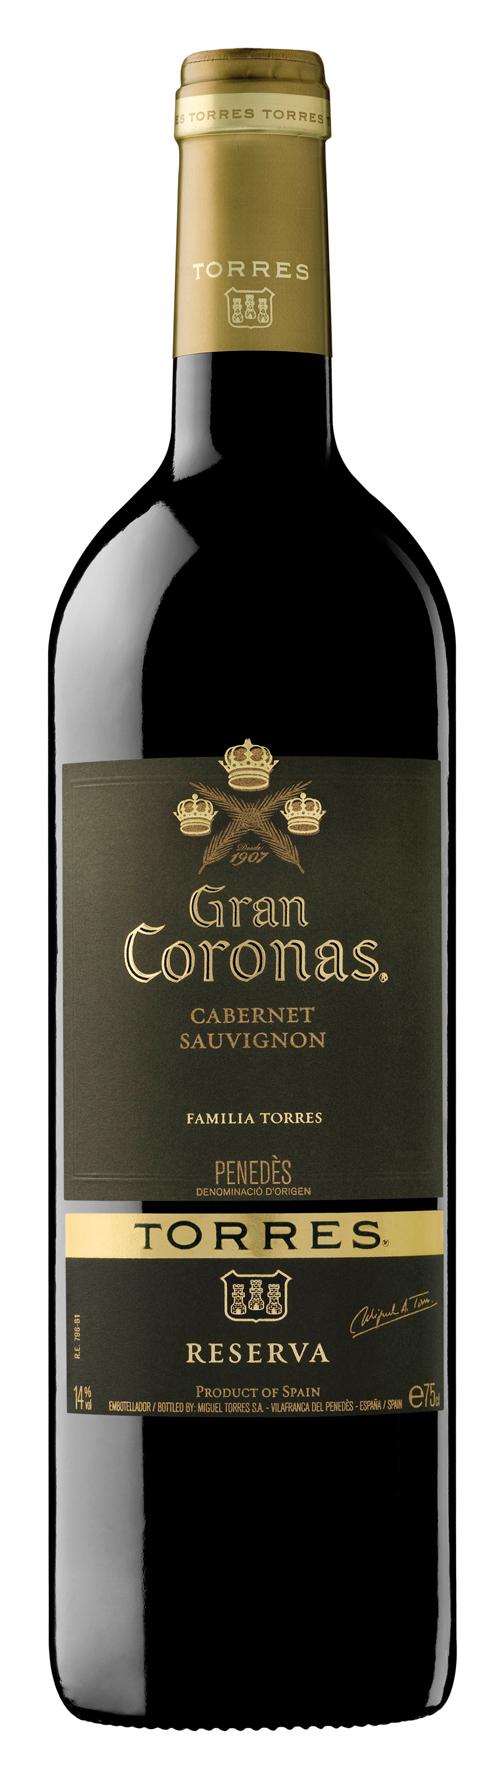 Torres Gran Coronas Cabernet Sauvignon Reserva 2013